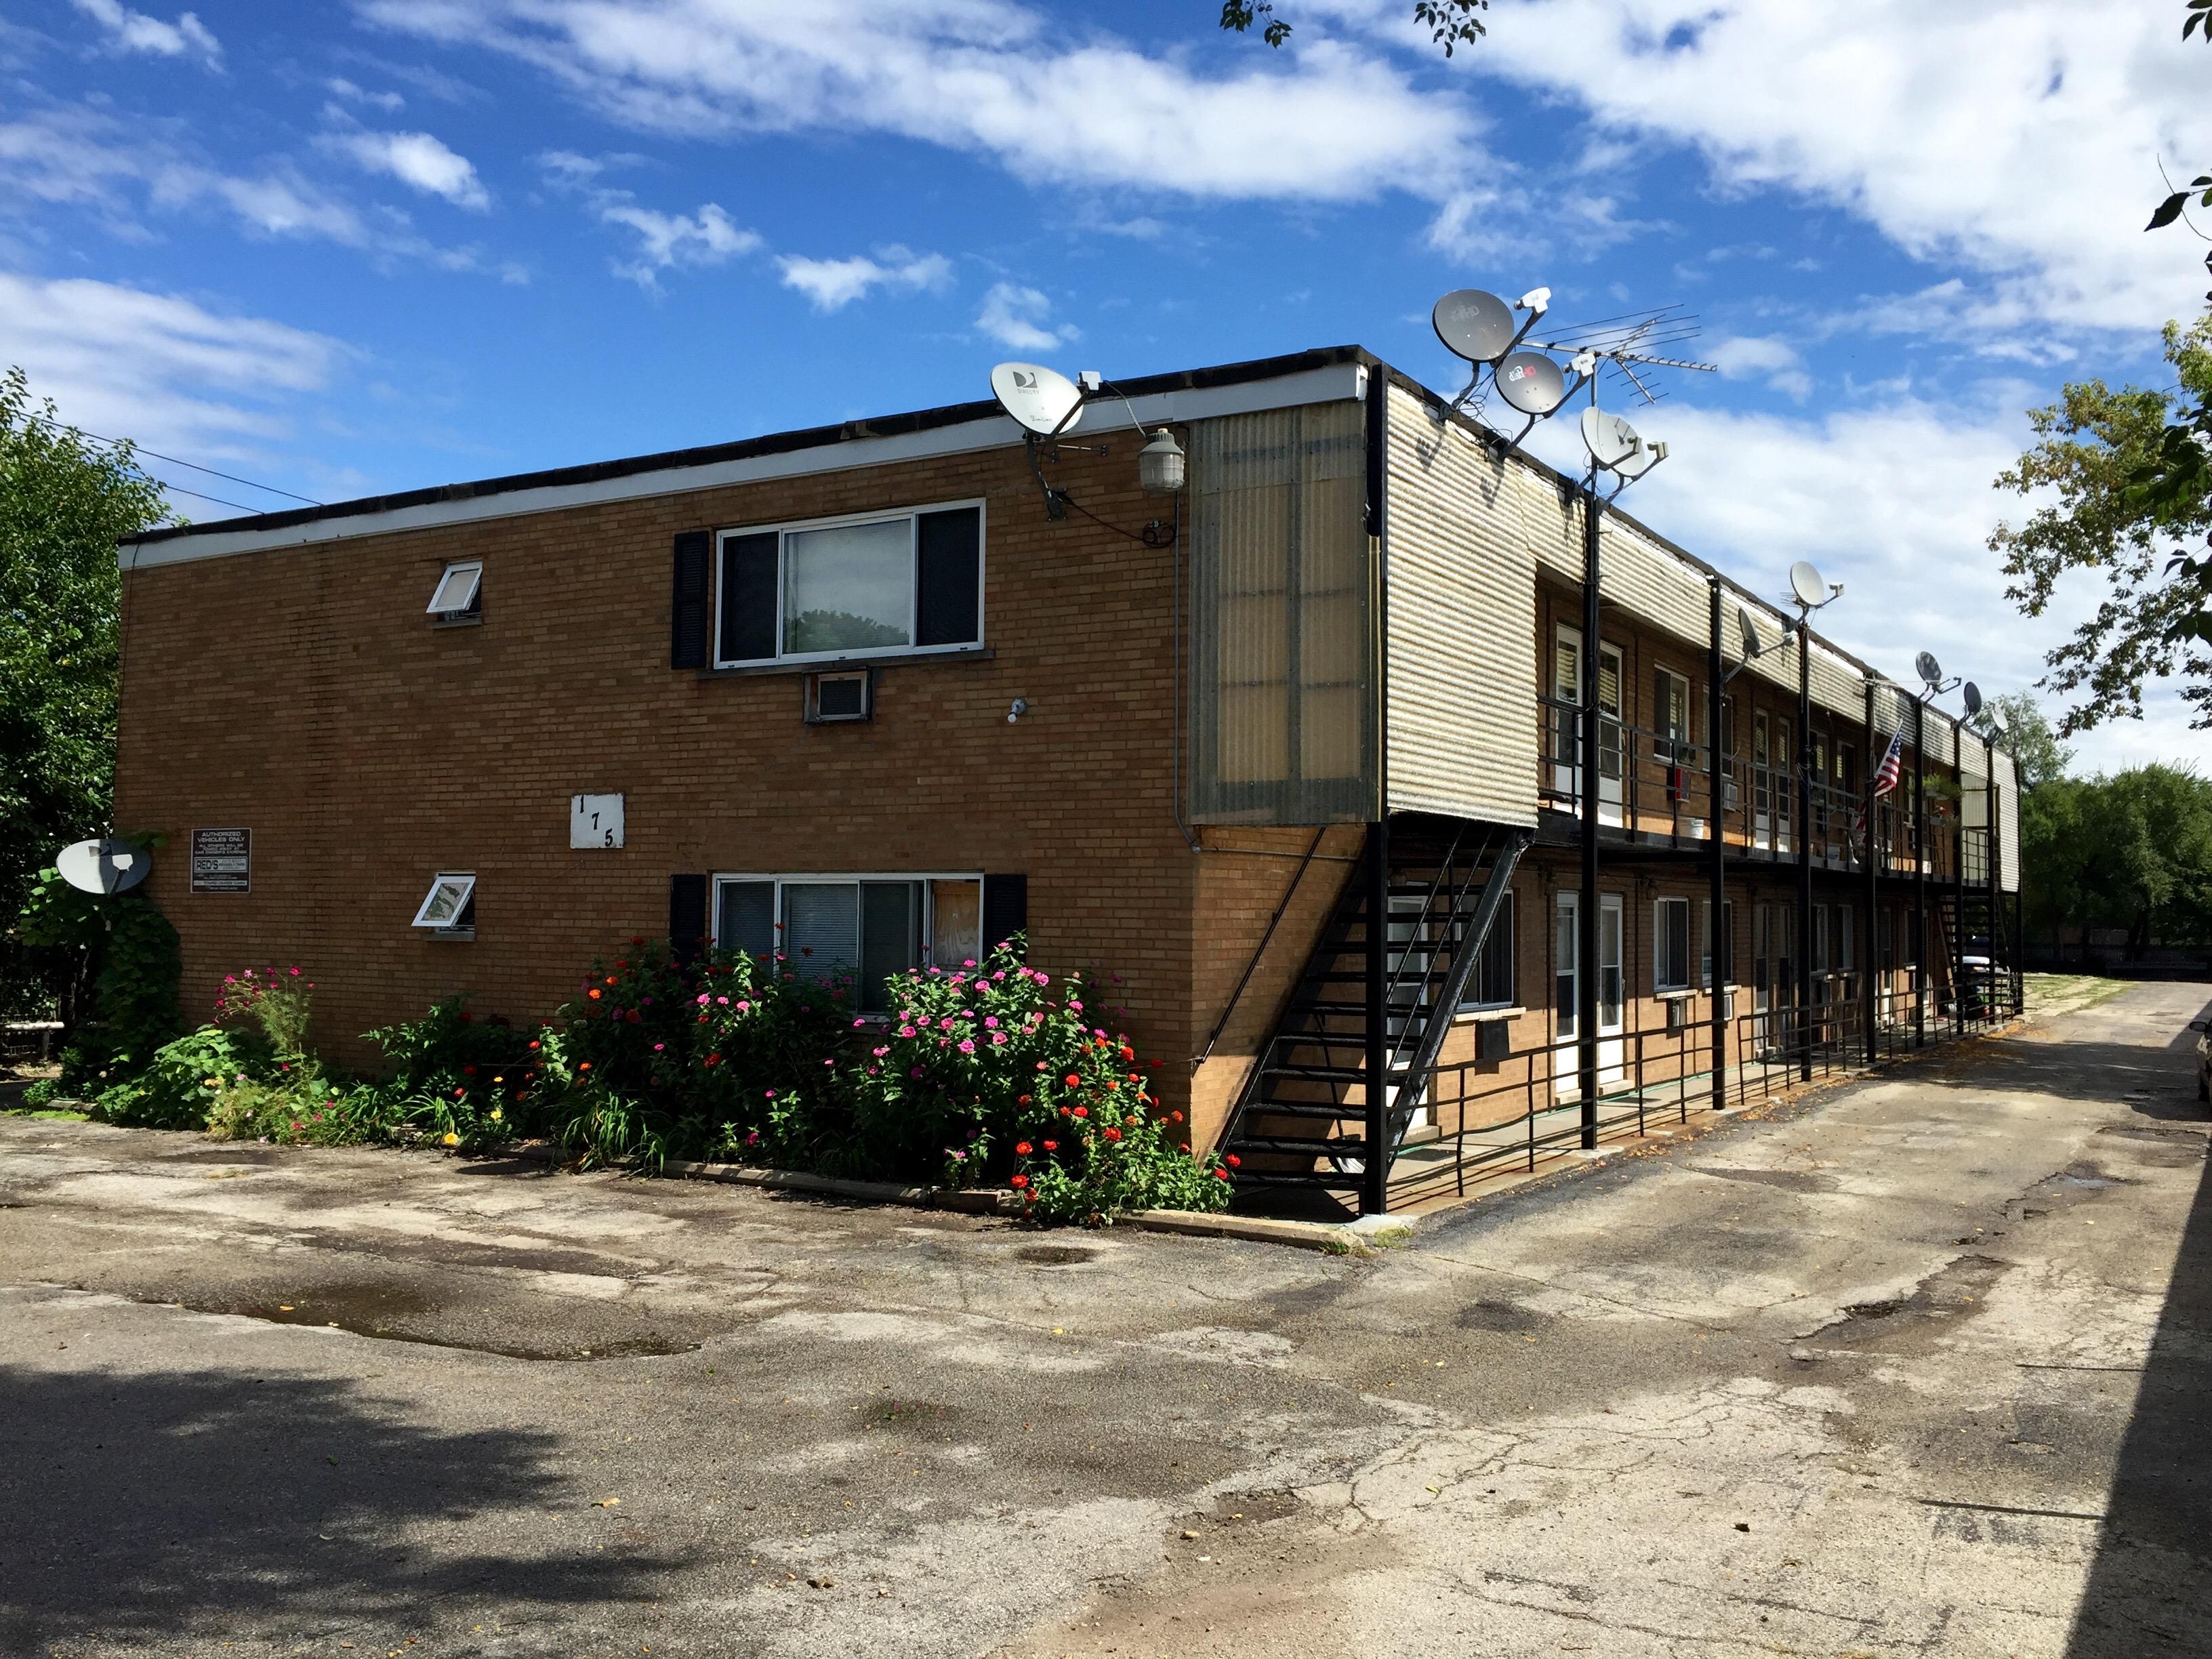 16 Unit Apartment Building In Des Plaines IL